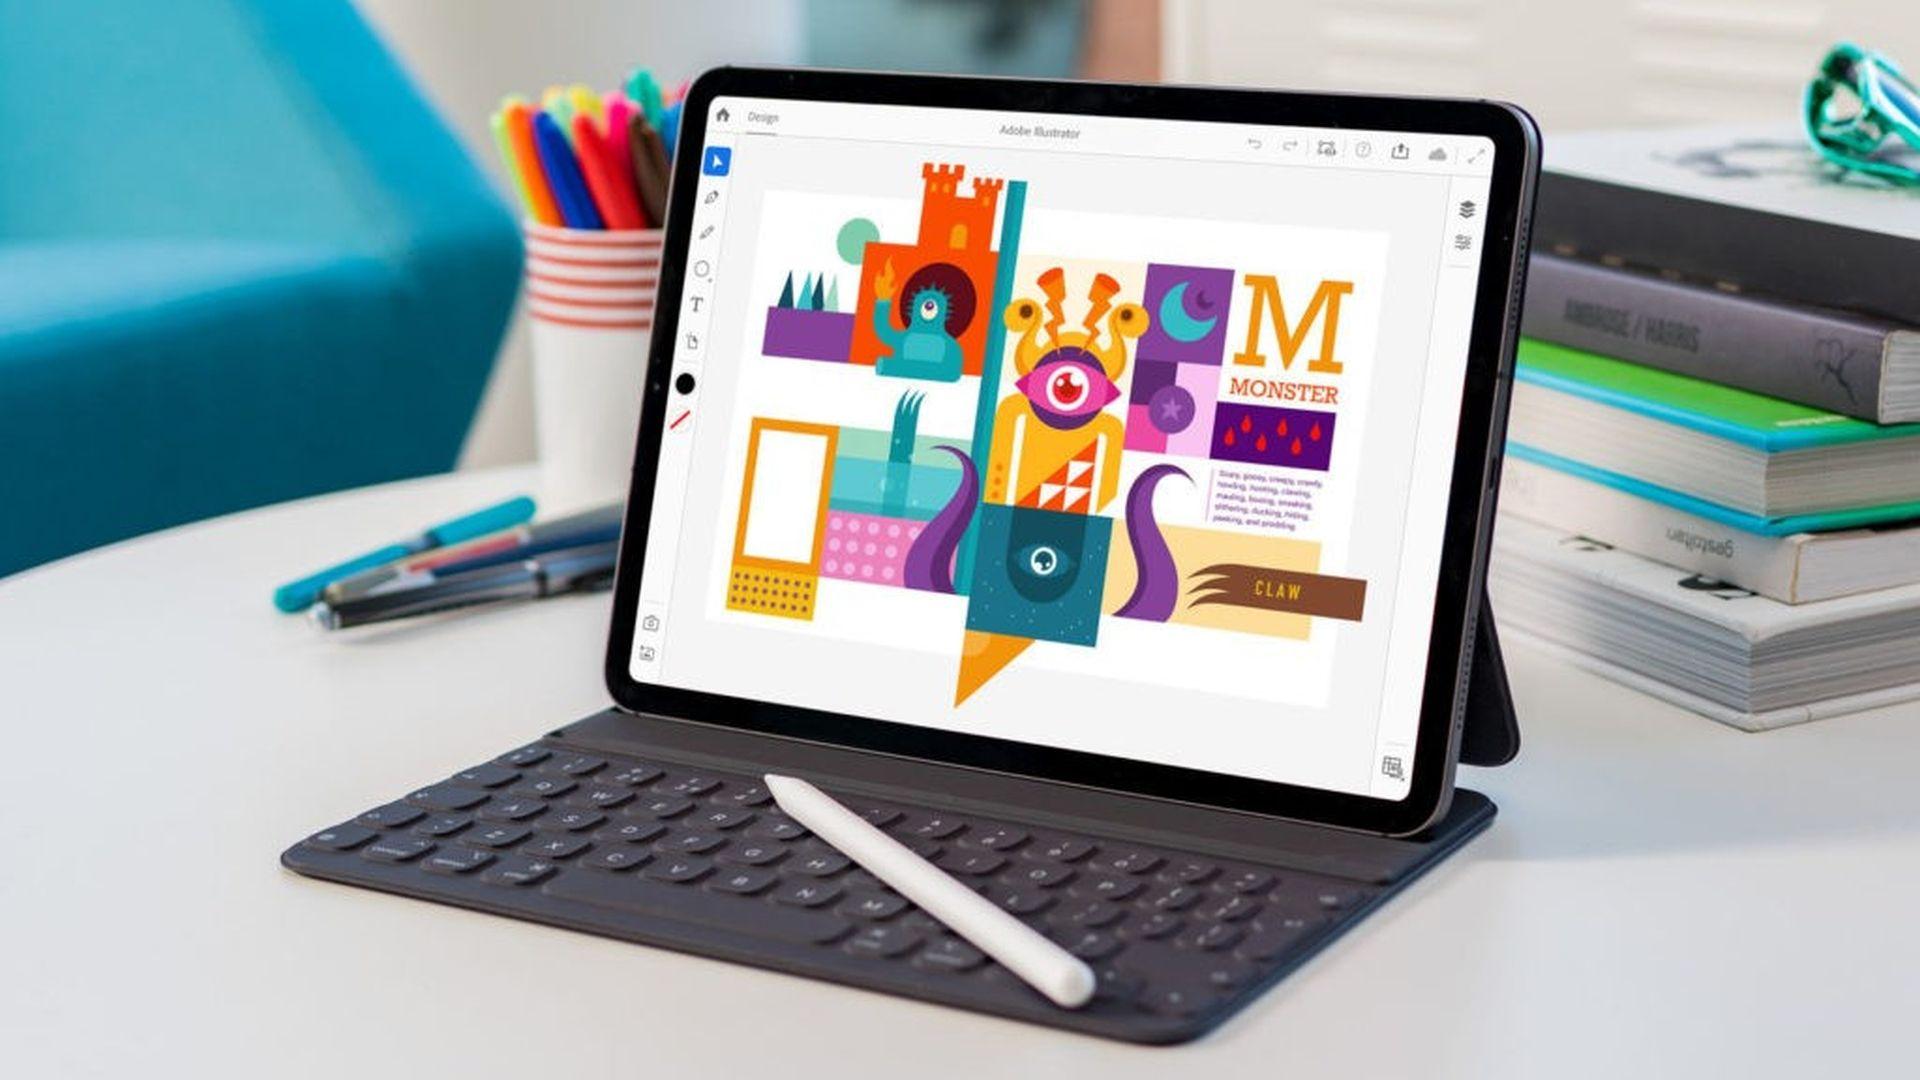 Adobe zaprasza użytkowników do testowania Illustratora na iPadzie